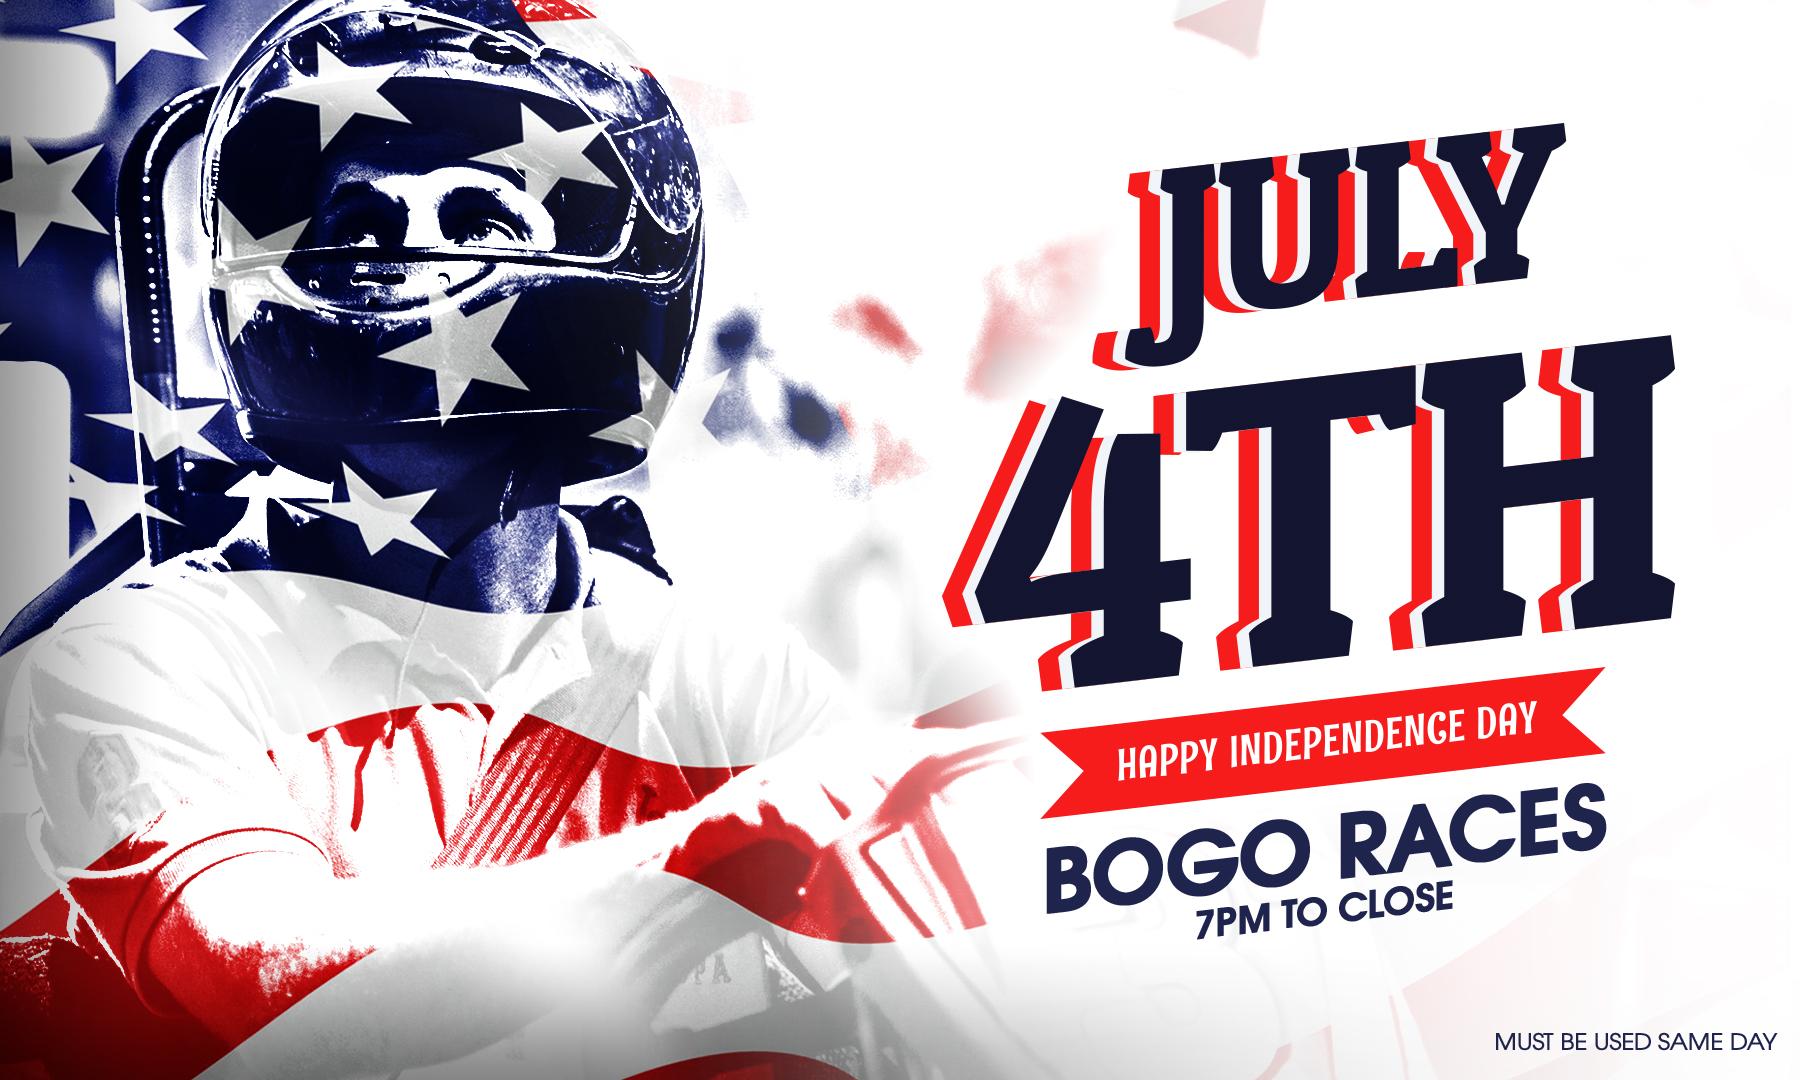 4th of July BOGO Go-Kart Racing – Get the Celebration on Track